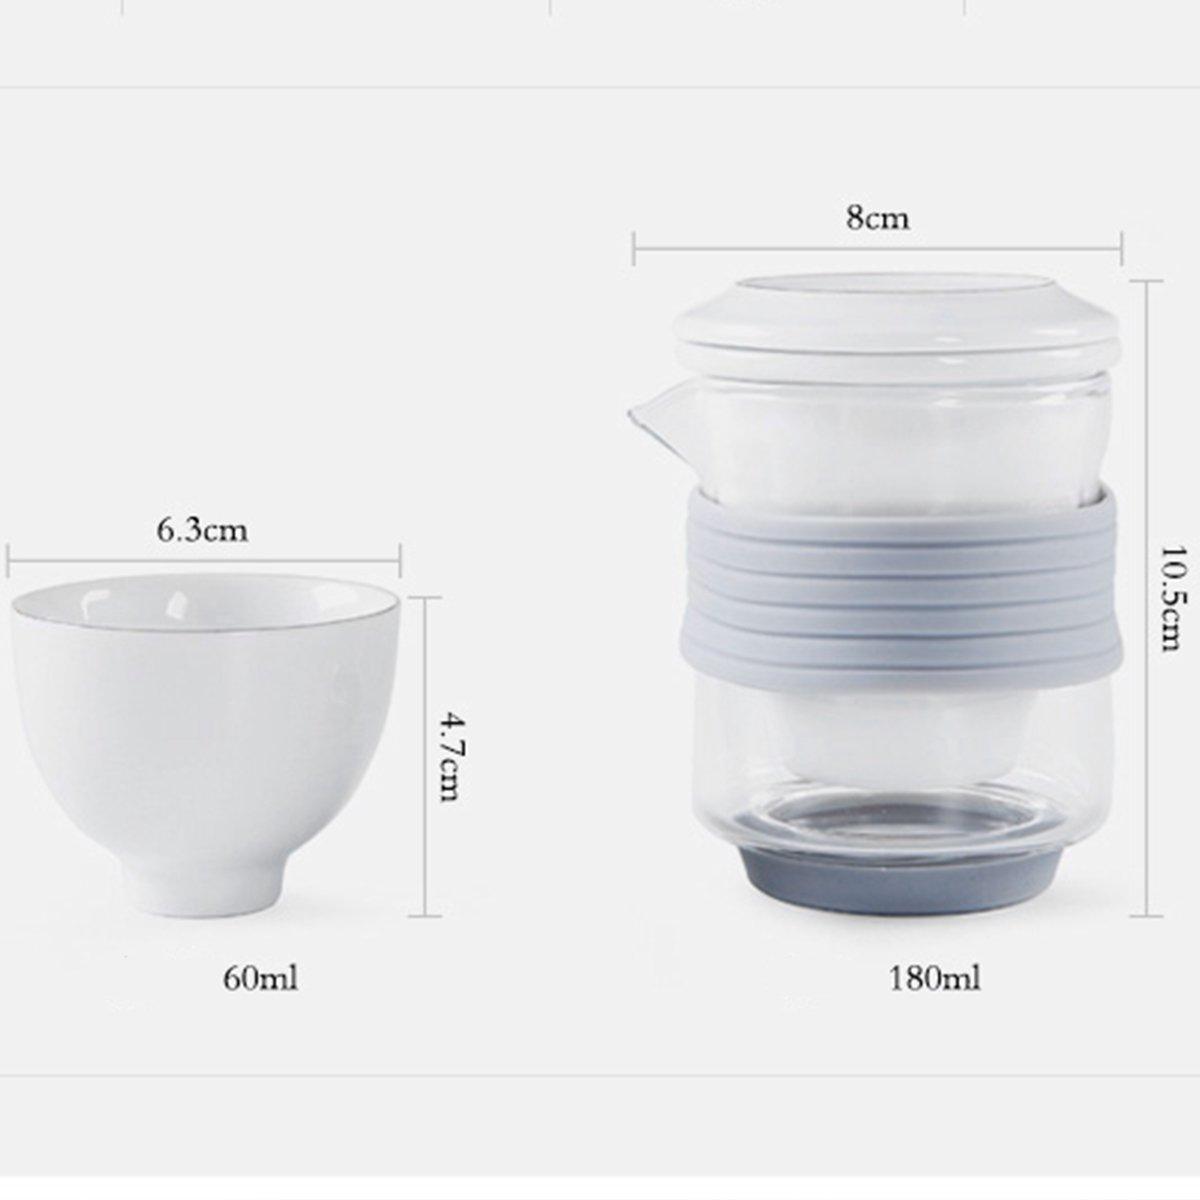 Bộ trà du lịch hiện đại thiết kế sang trọng nhỏ gọn 180ml